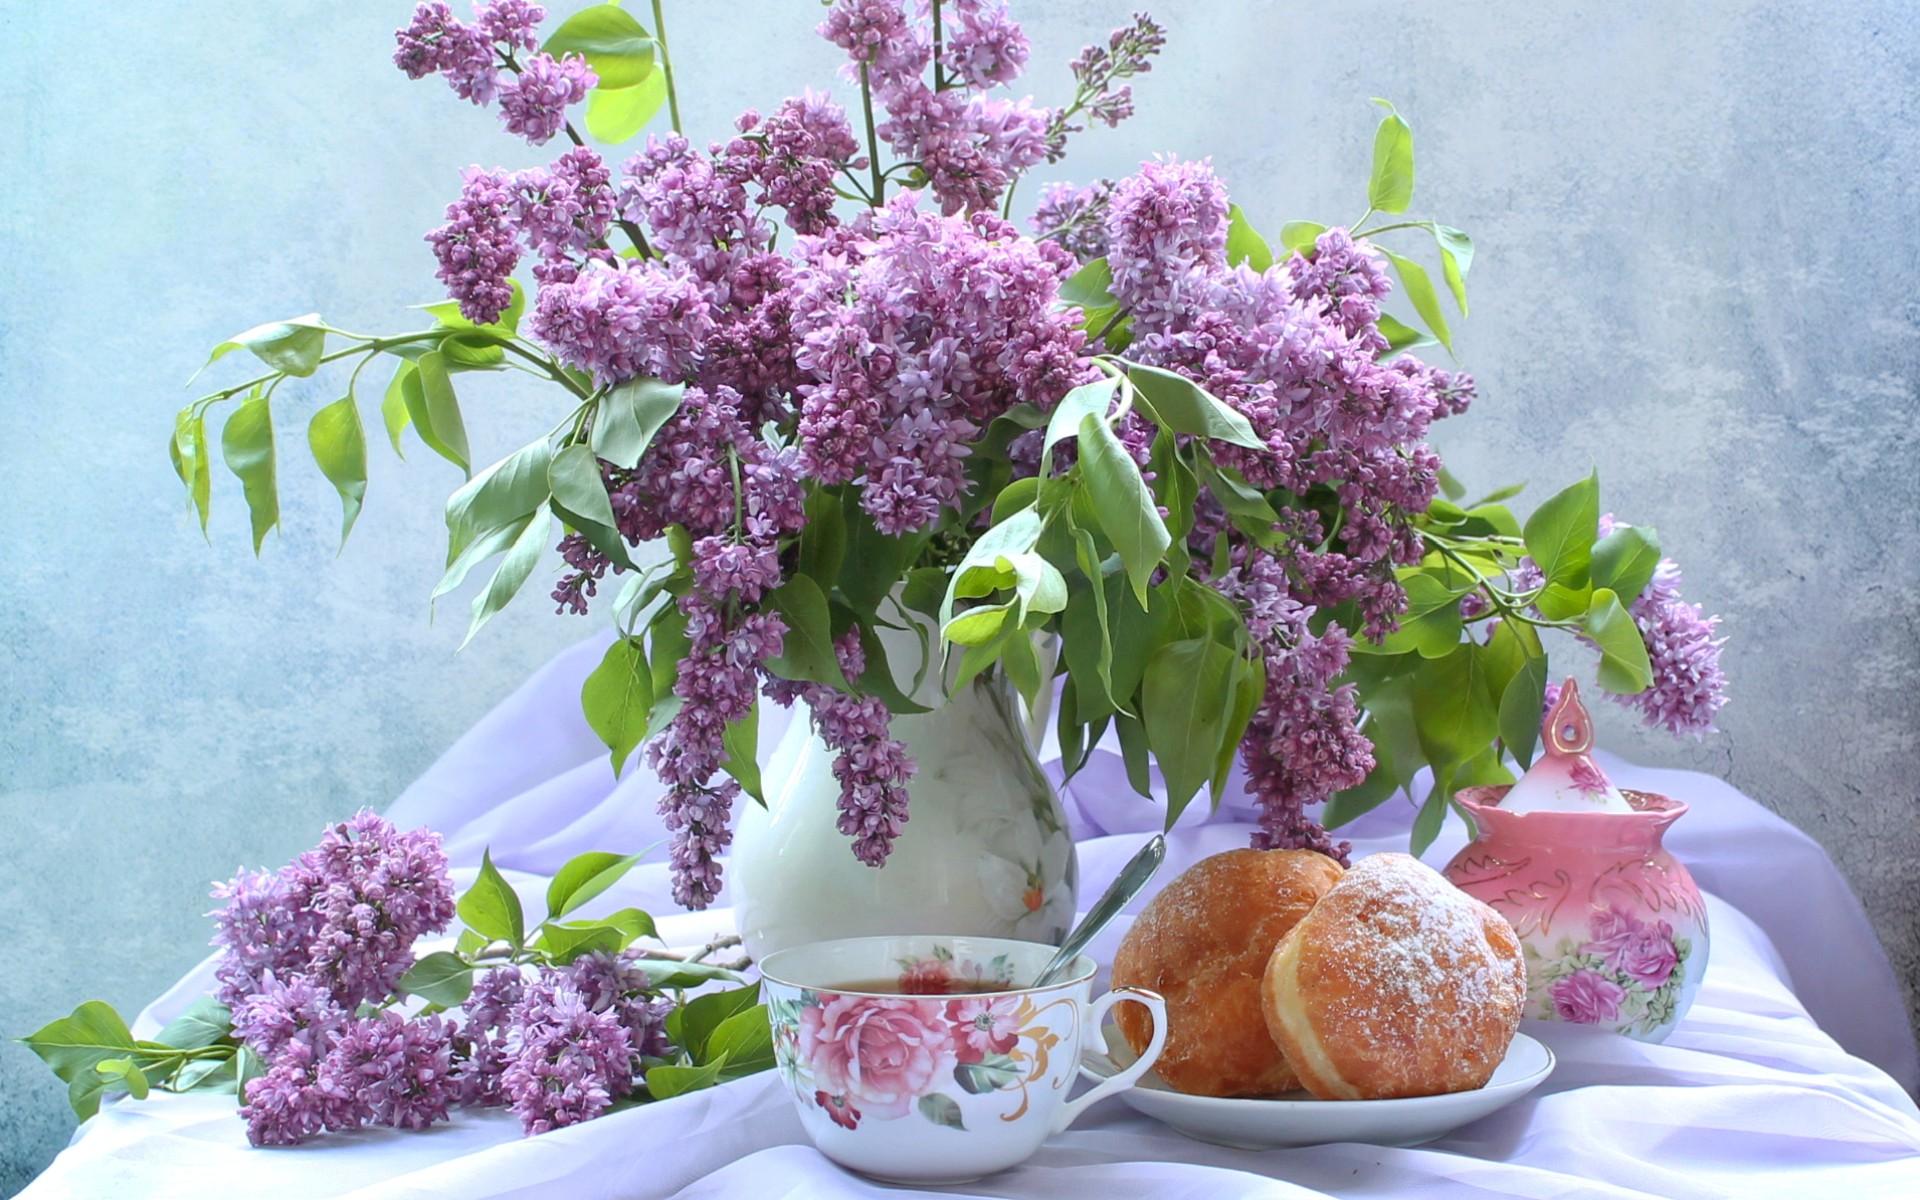 природа цветы сирень сахар блюдо  № 1154253 загрузить